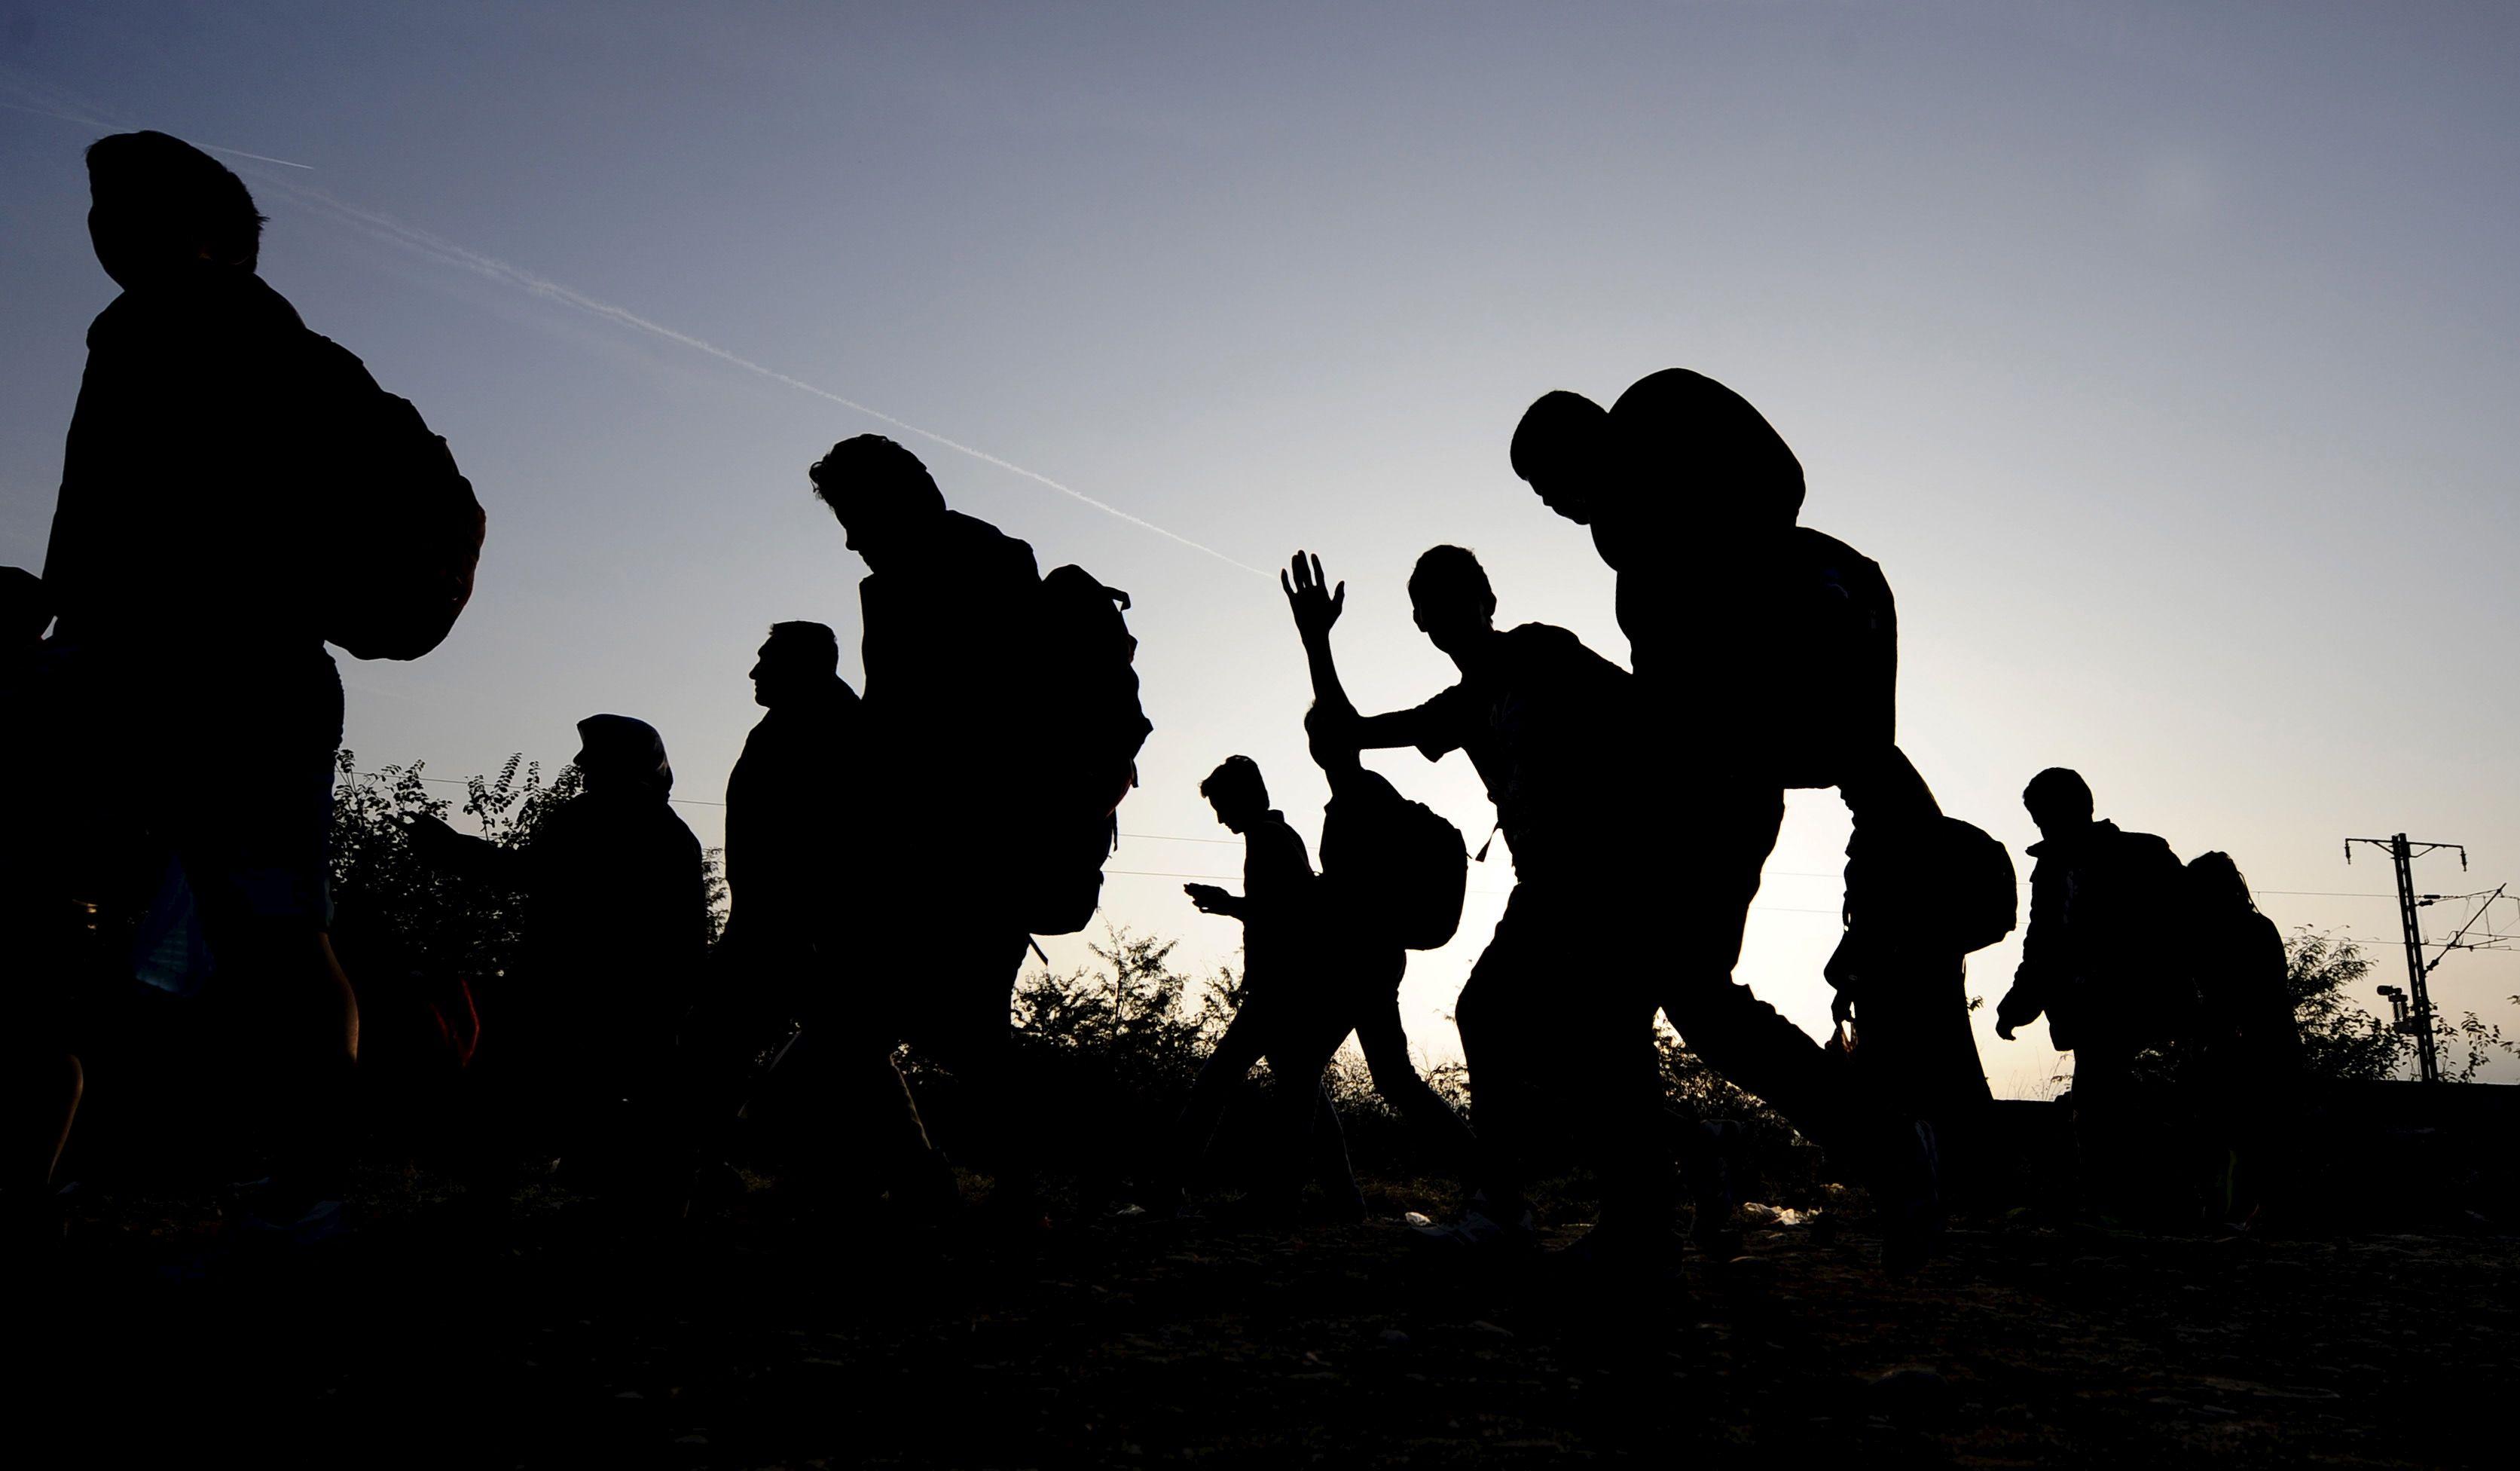 Les Etas européens n'ont pas trouvé d'accord sur les politiques de quotas.